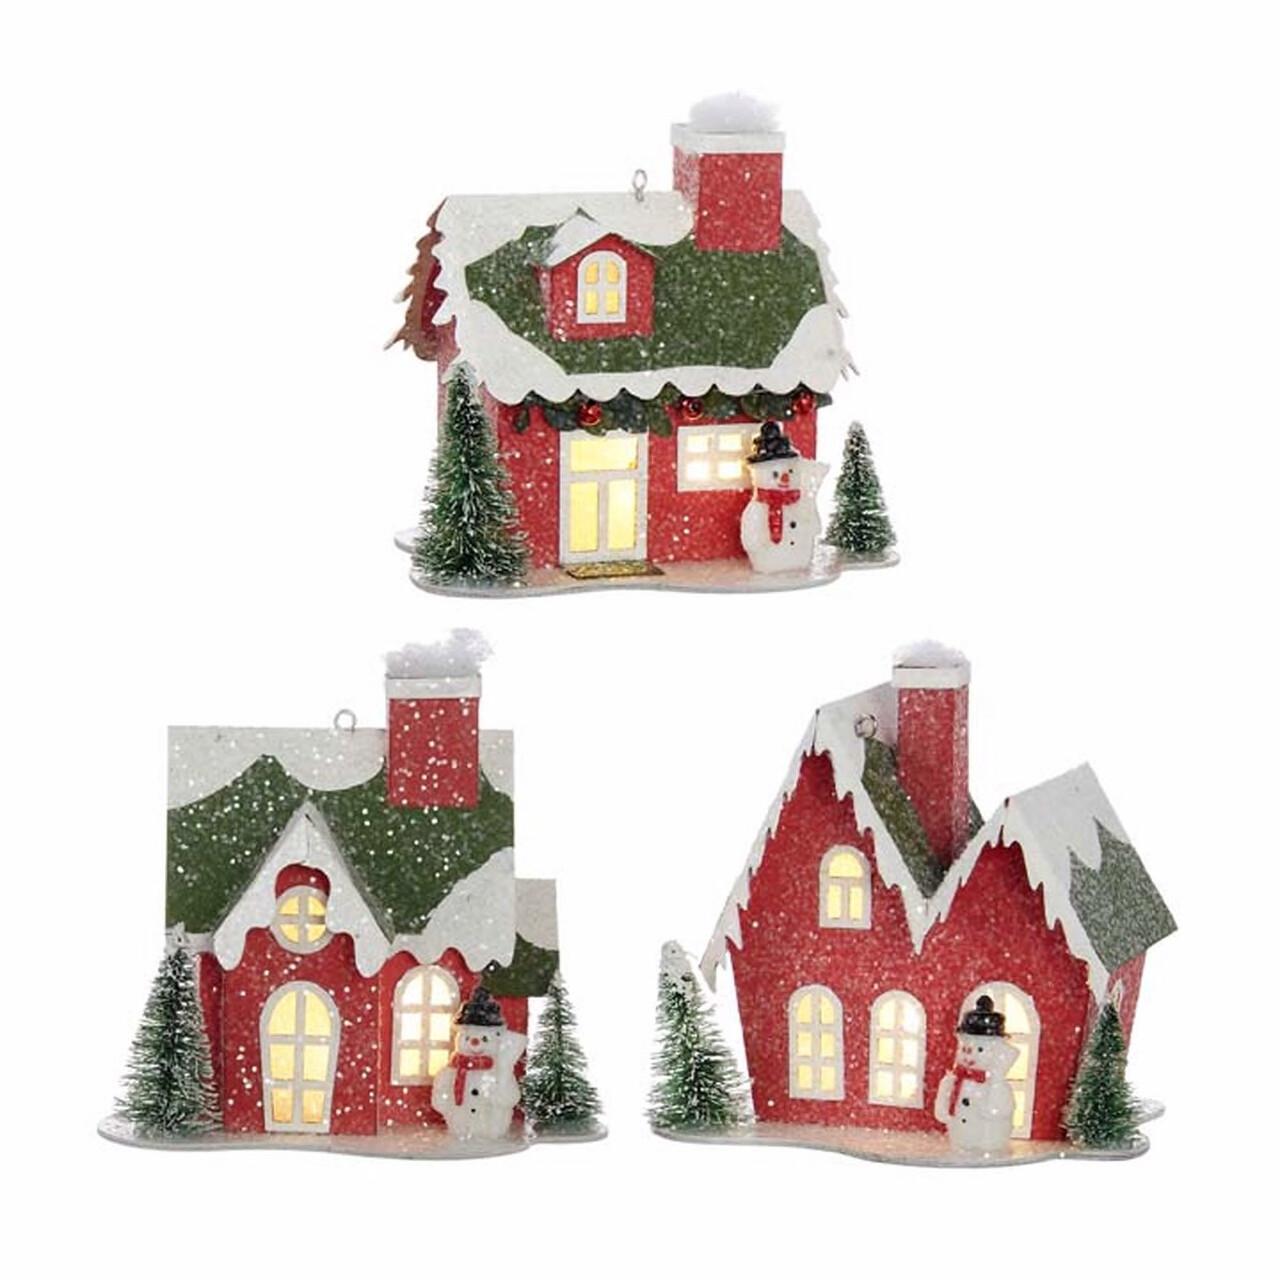 Ornament Lit House